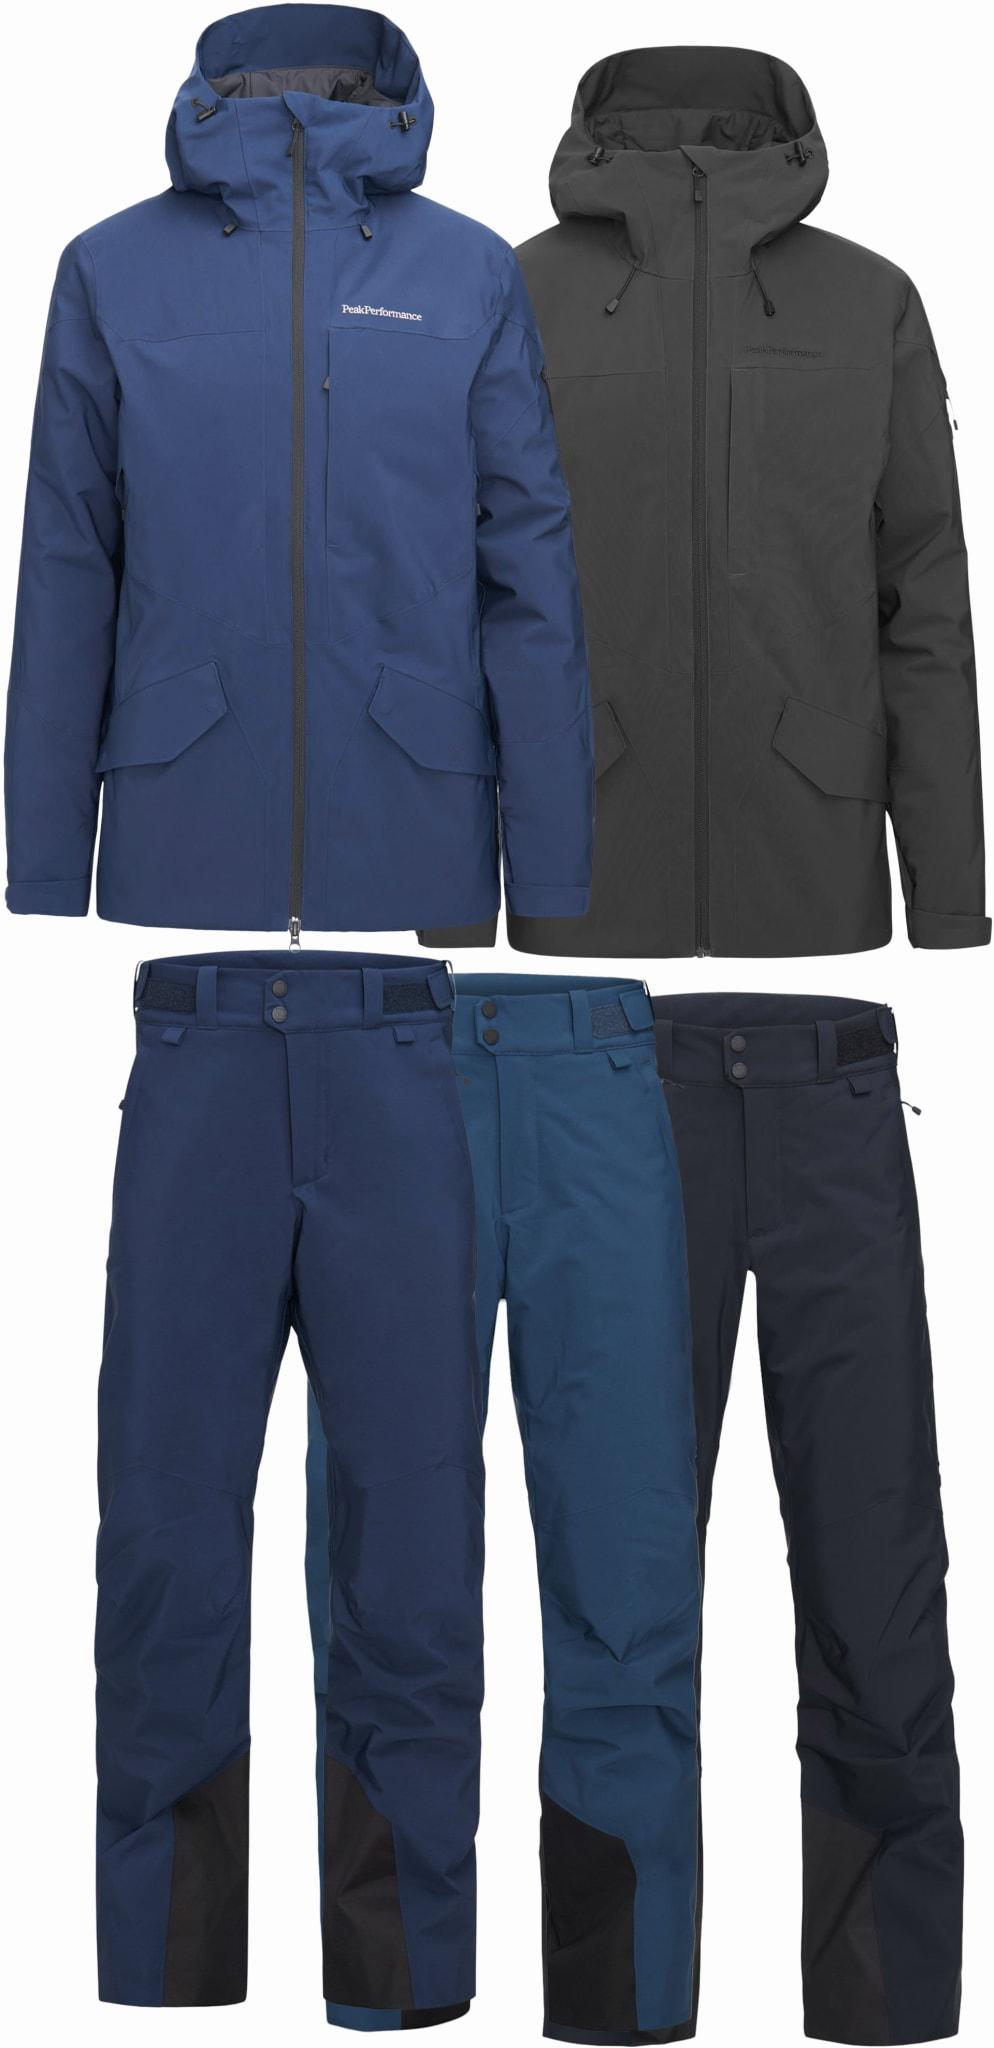 Maroon Long Jacket + Pant